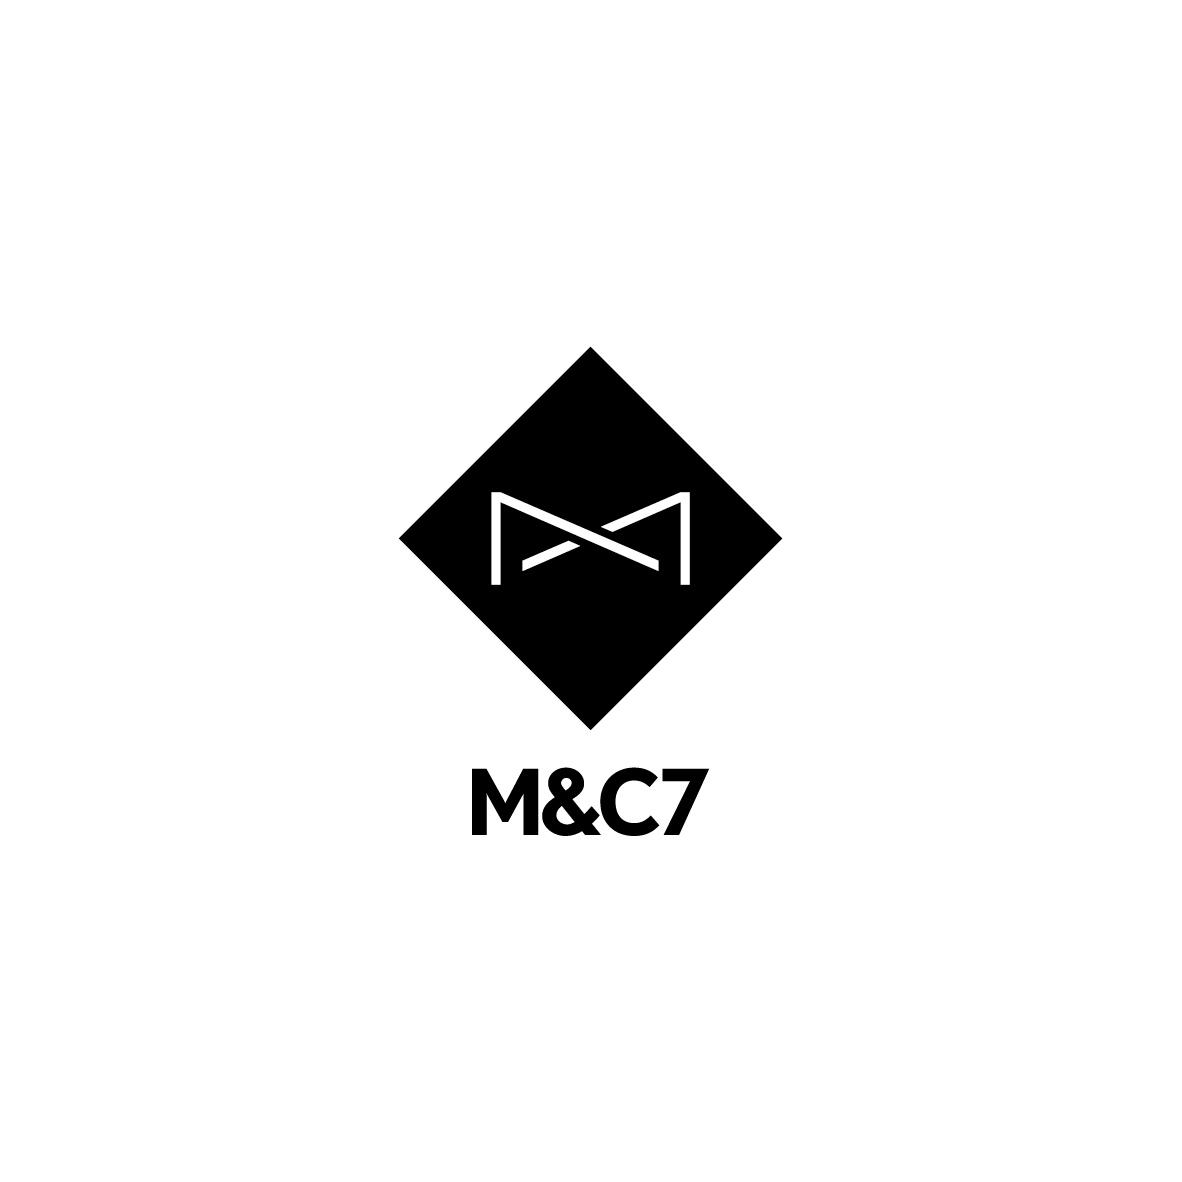 M&C7_Square-03